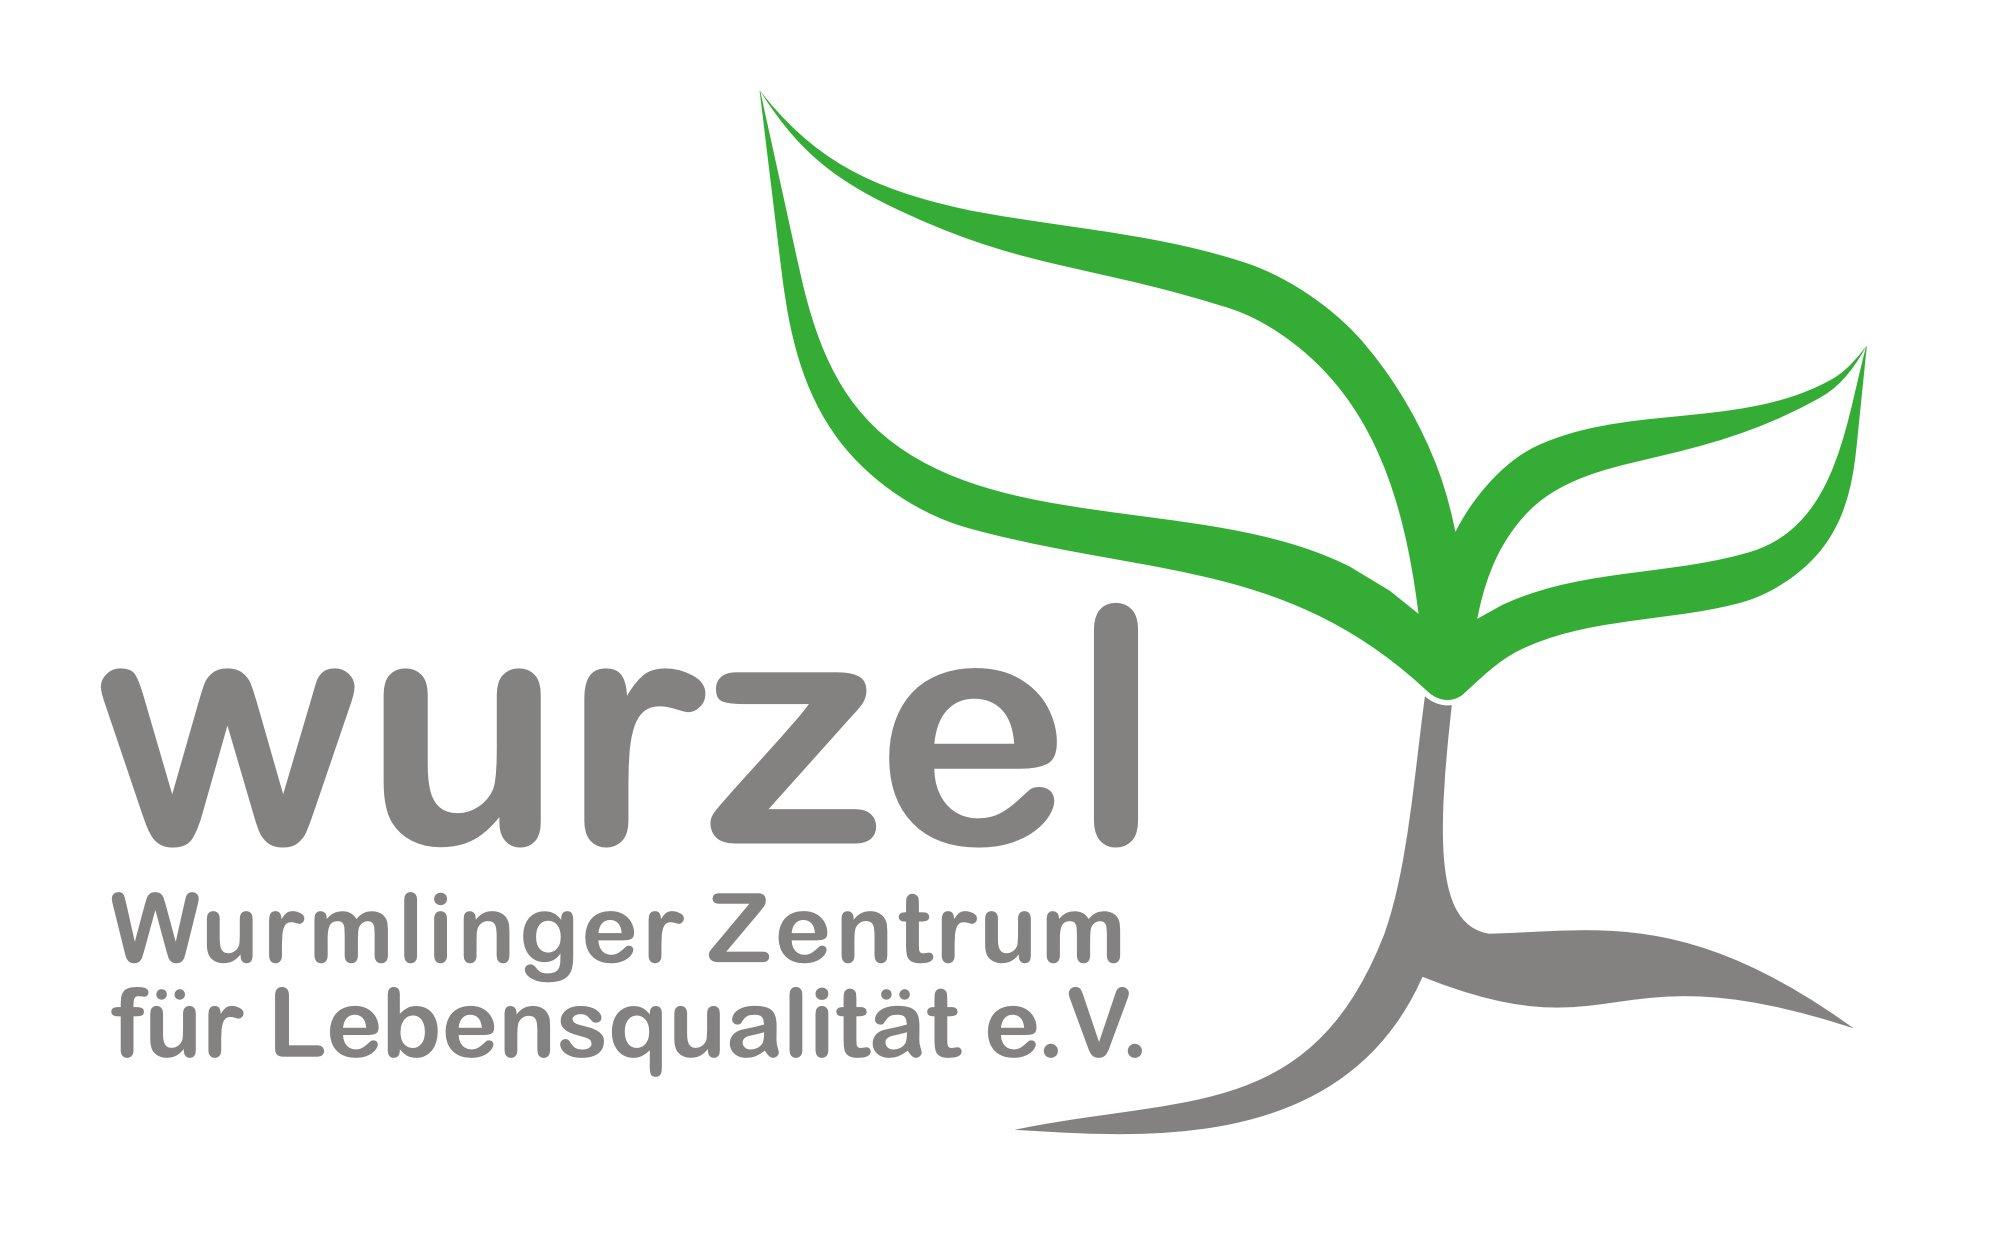 Wurzel e.V. Wurmlingen